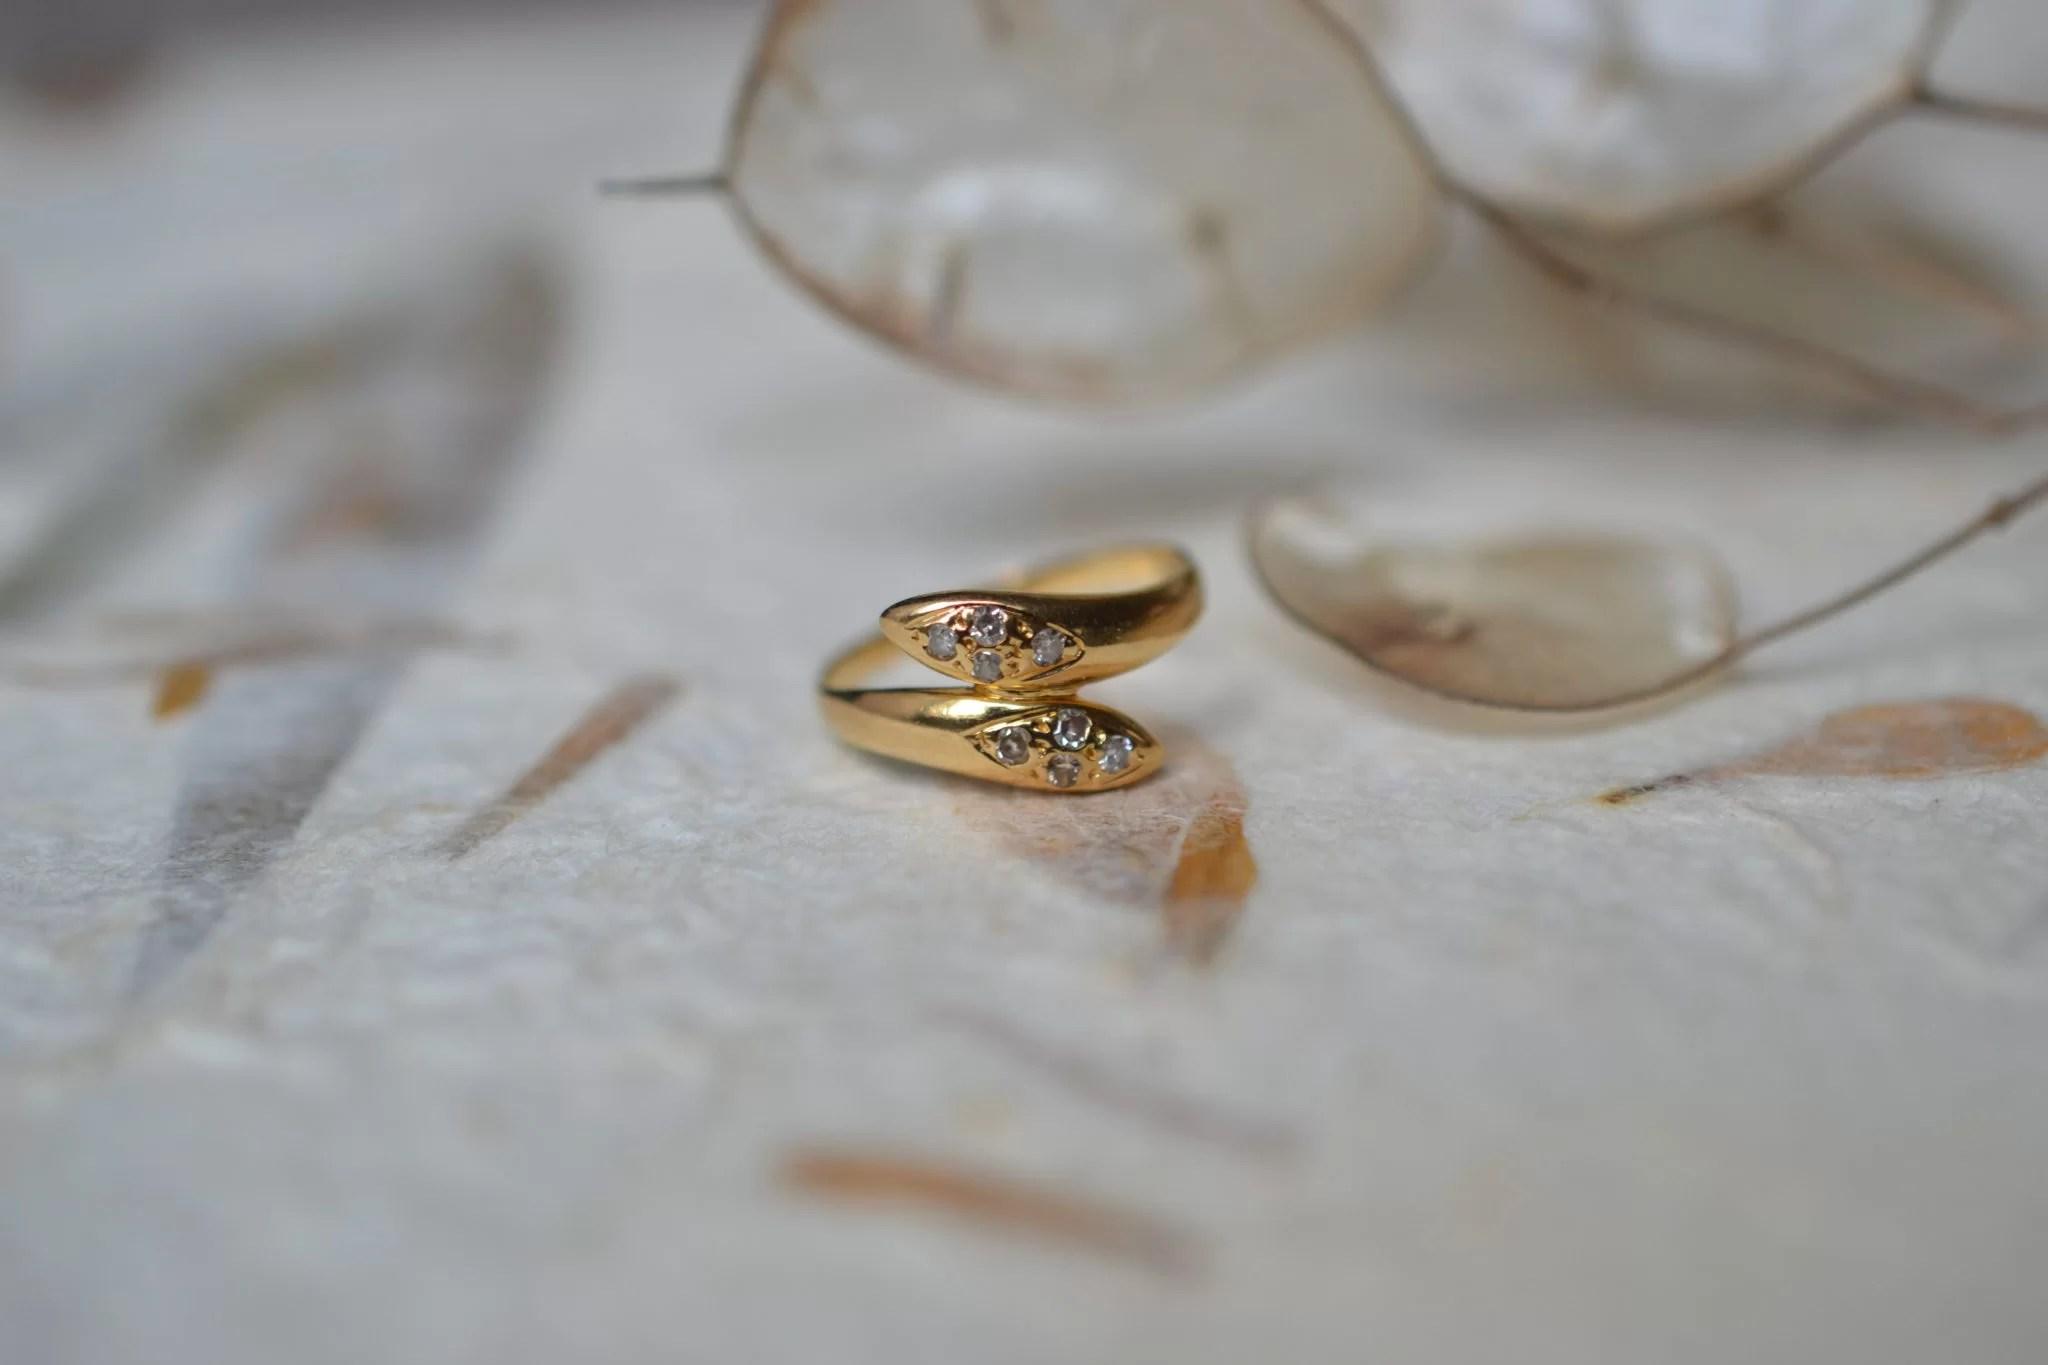 Bague de petit doigt en forme de serpents entrelacés en Or jaune ornée de 8 diamants bijou ancien